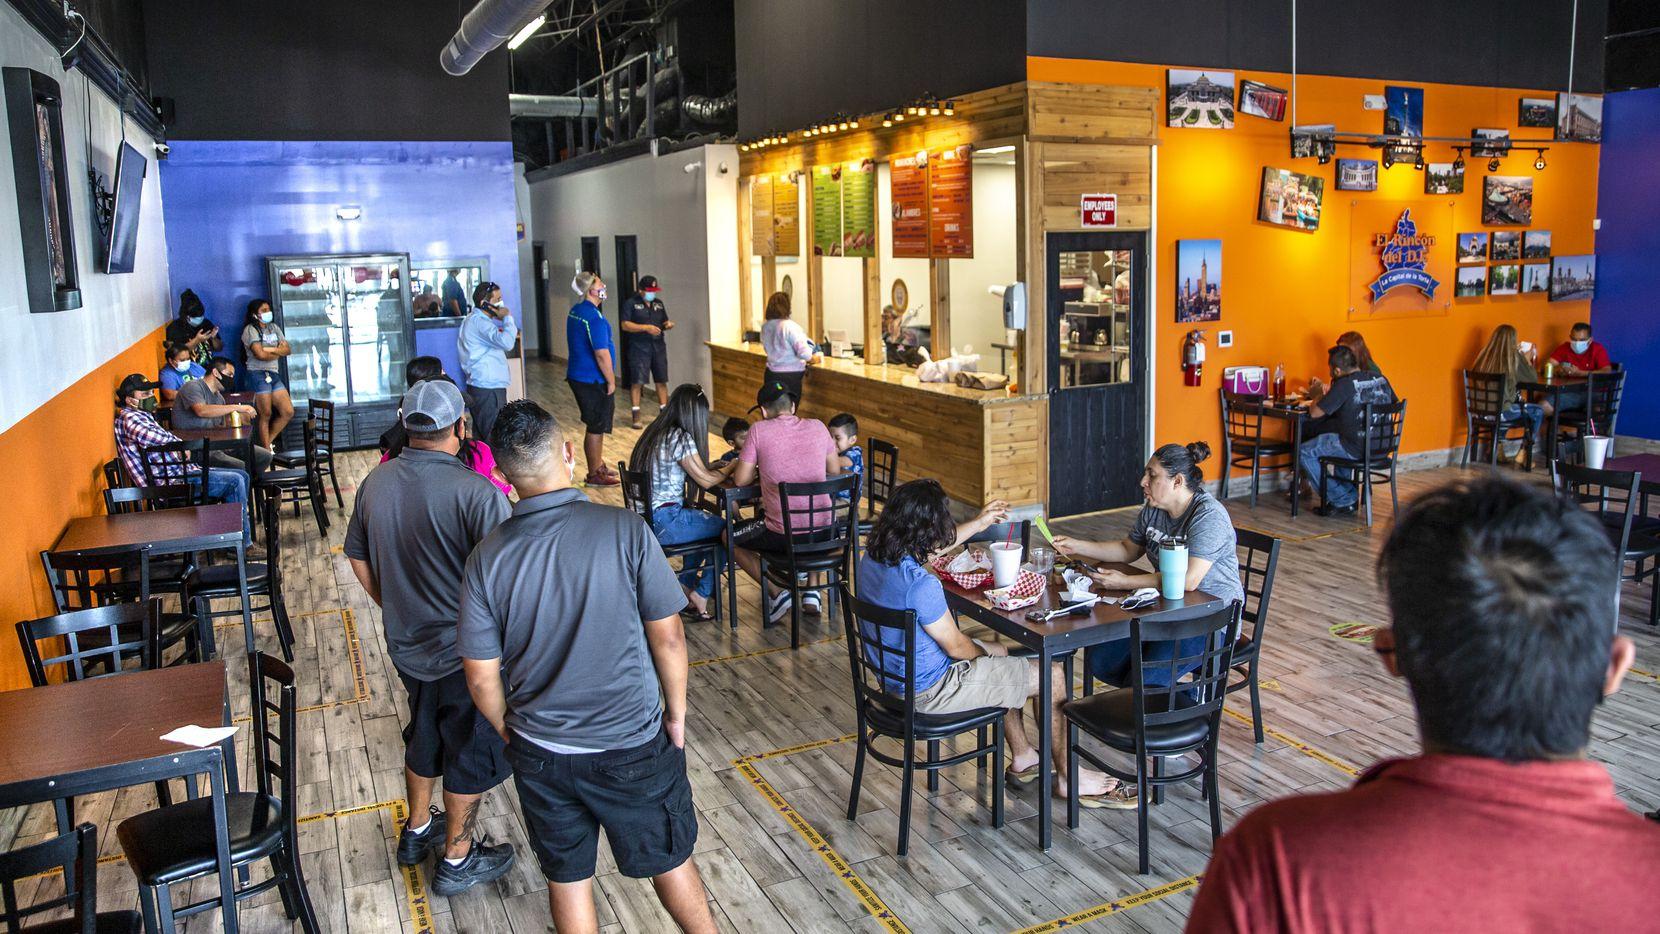 El Rincón del D.F. volvió a abrir el 21 de octubre de 2020, exactamente un año después que un tornado que azotó Dallas el 20 de octubre de 2019 daño su restaurante. Clientes hicieron una fila para ser atendidos a la hora de la comida.